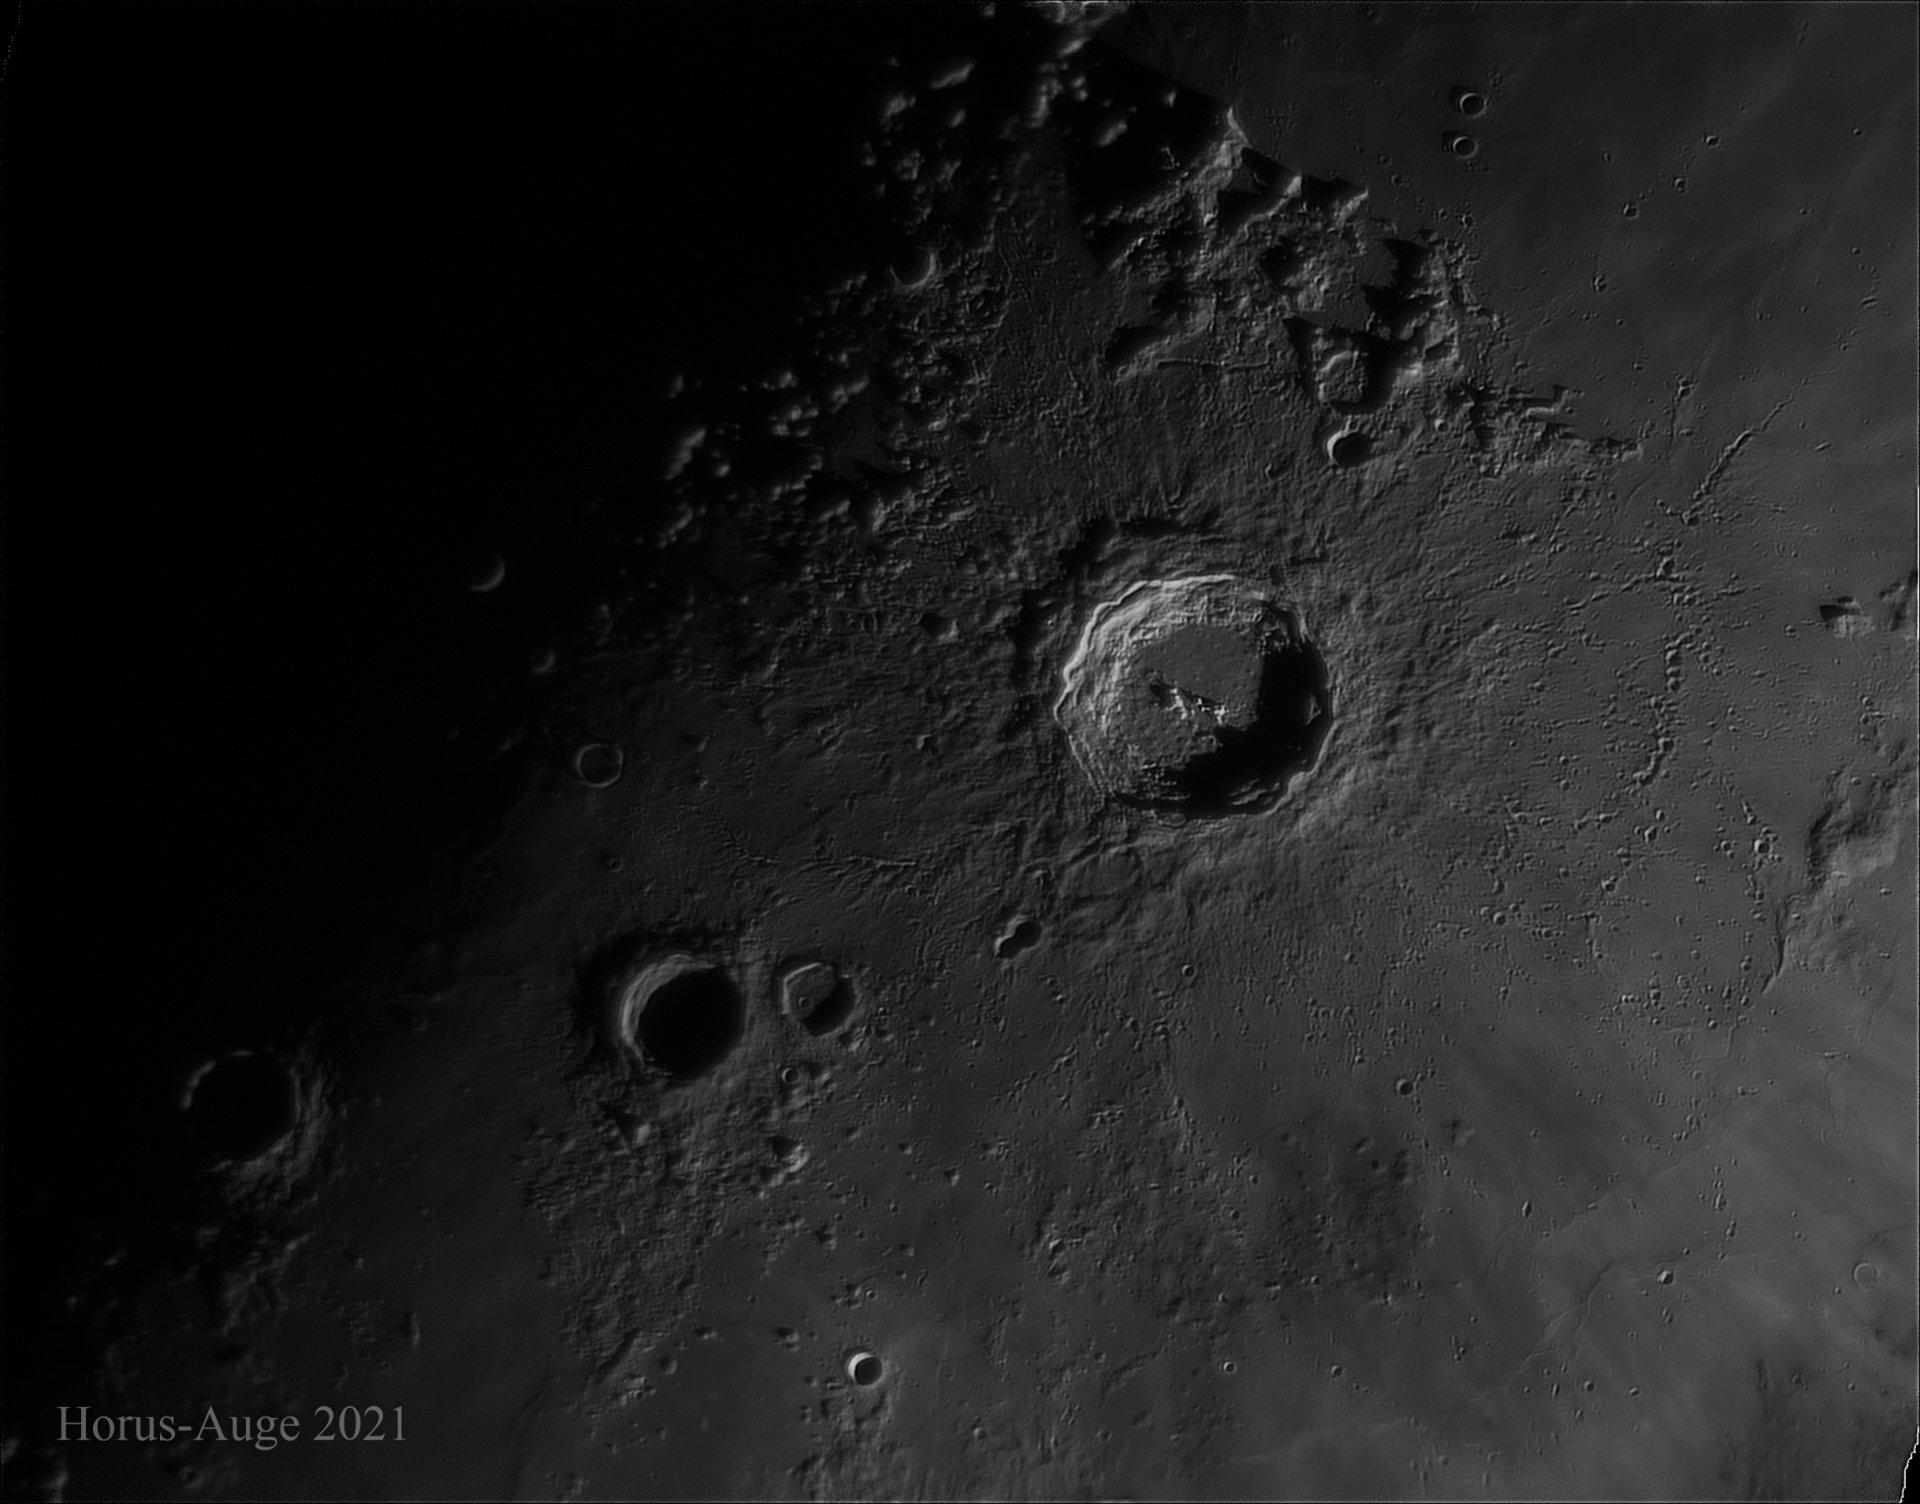 Mond_Copernicus.jpg